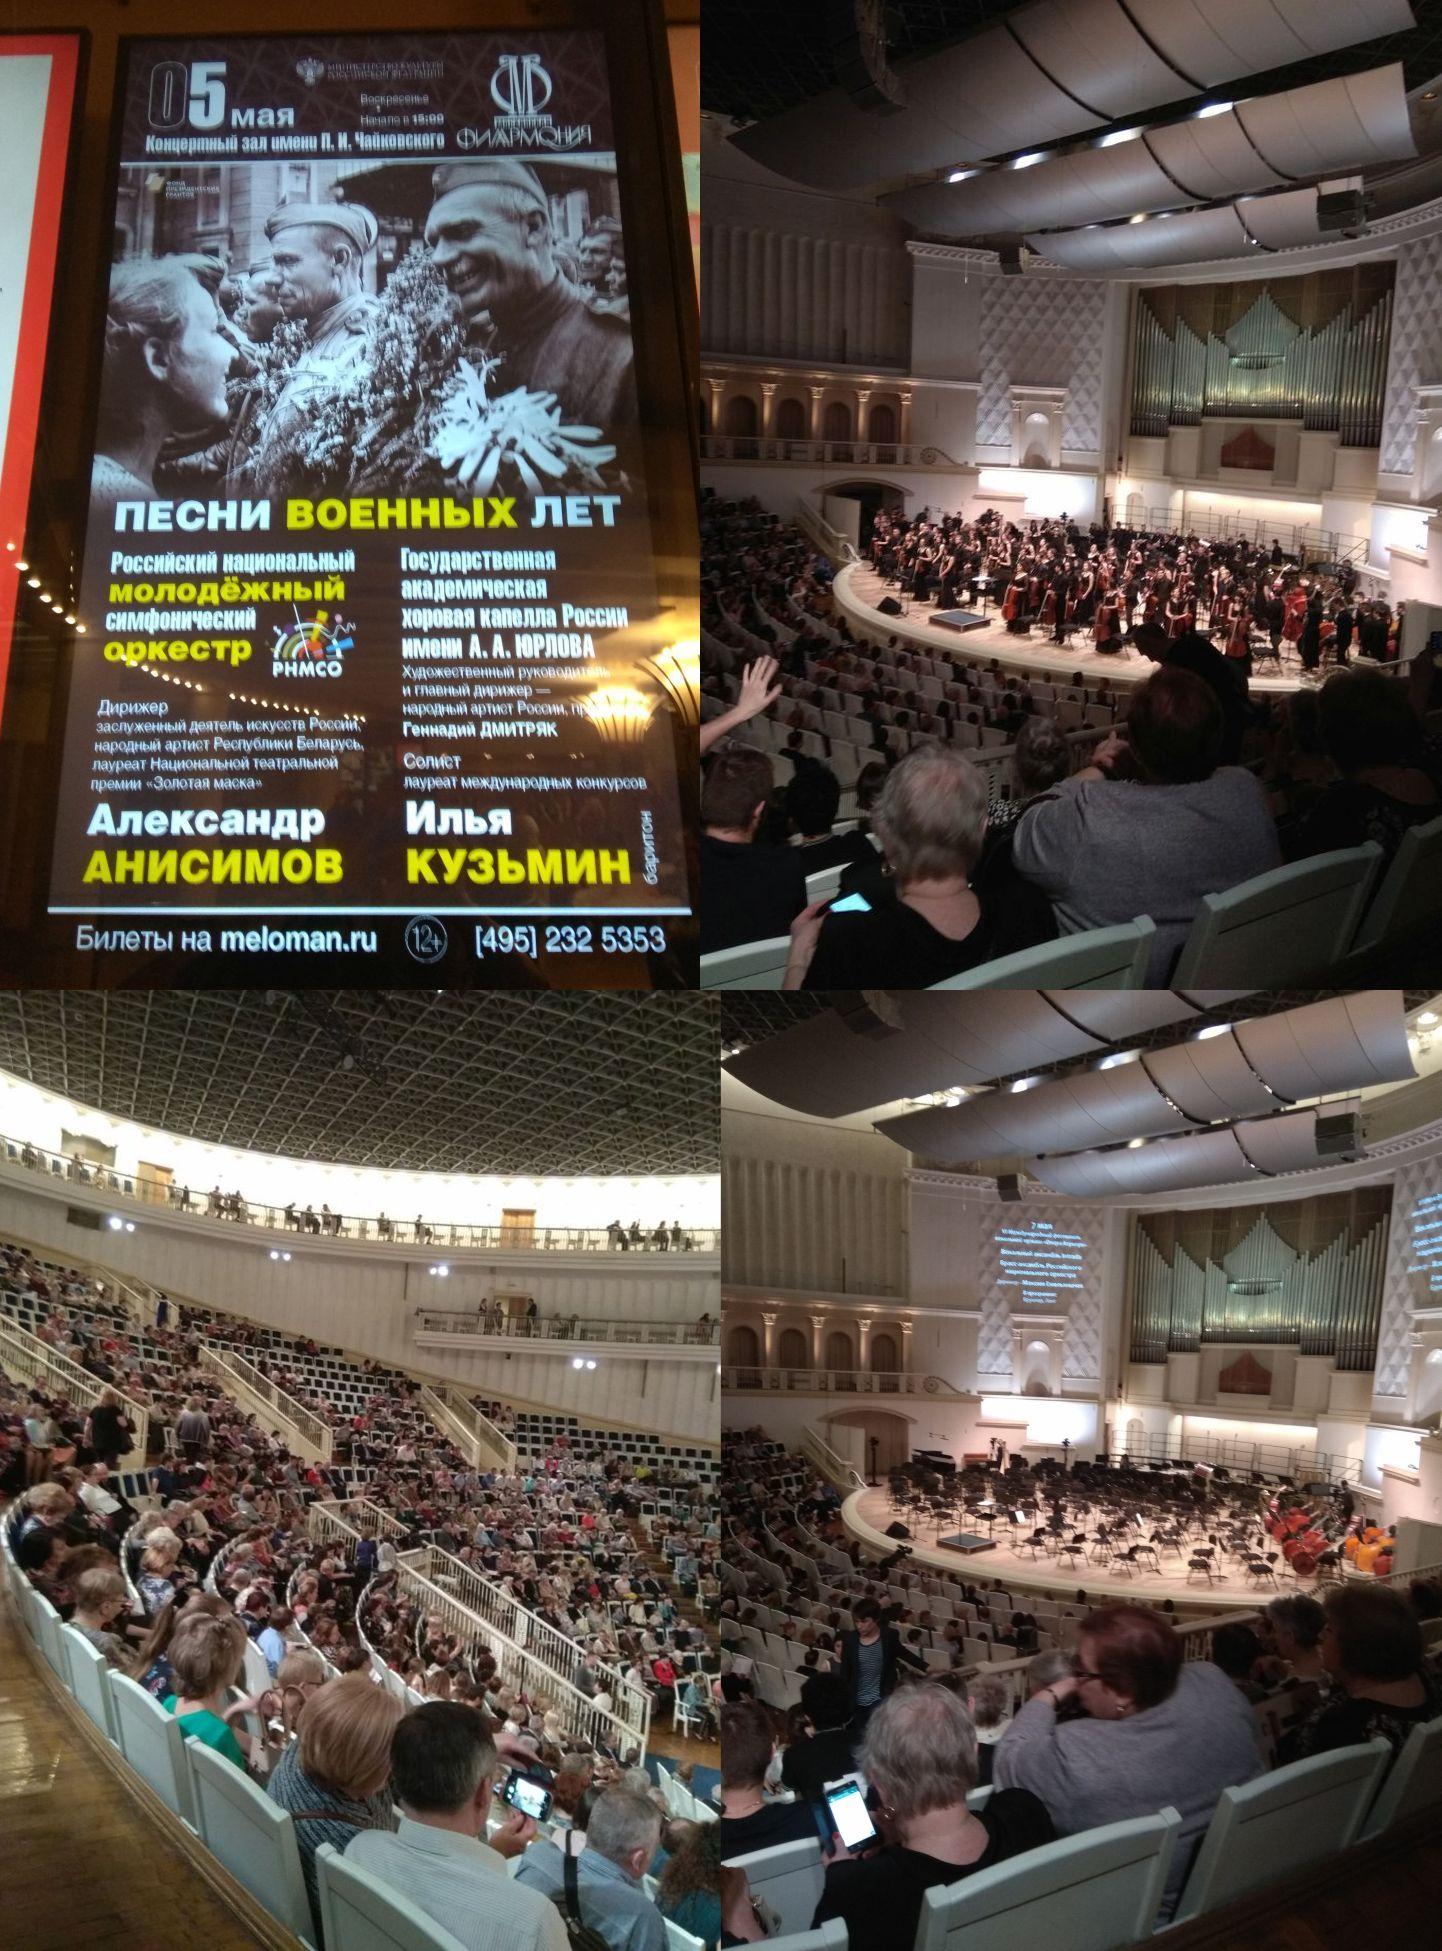 Афиша, зал, сцена, оркестр, зрители